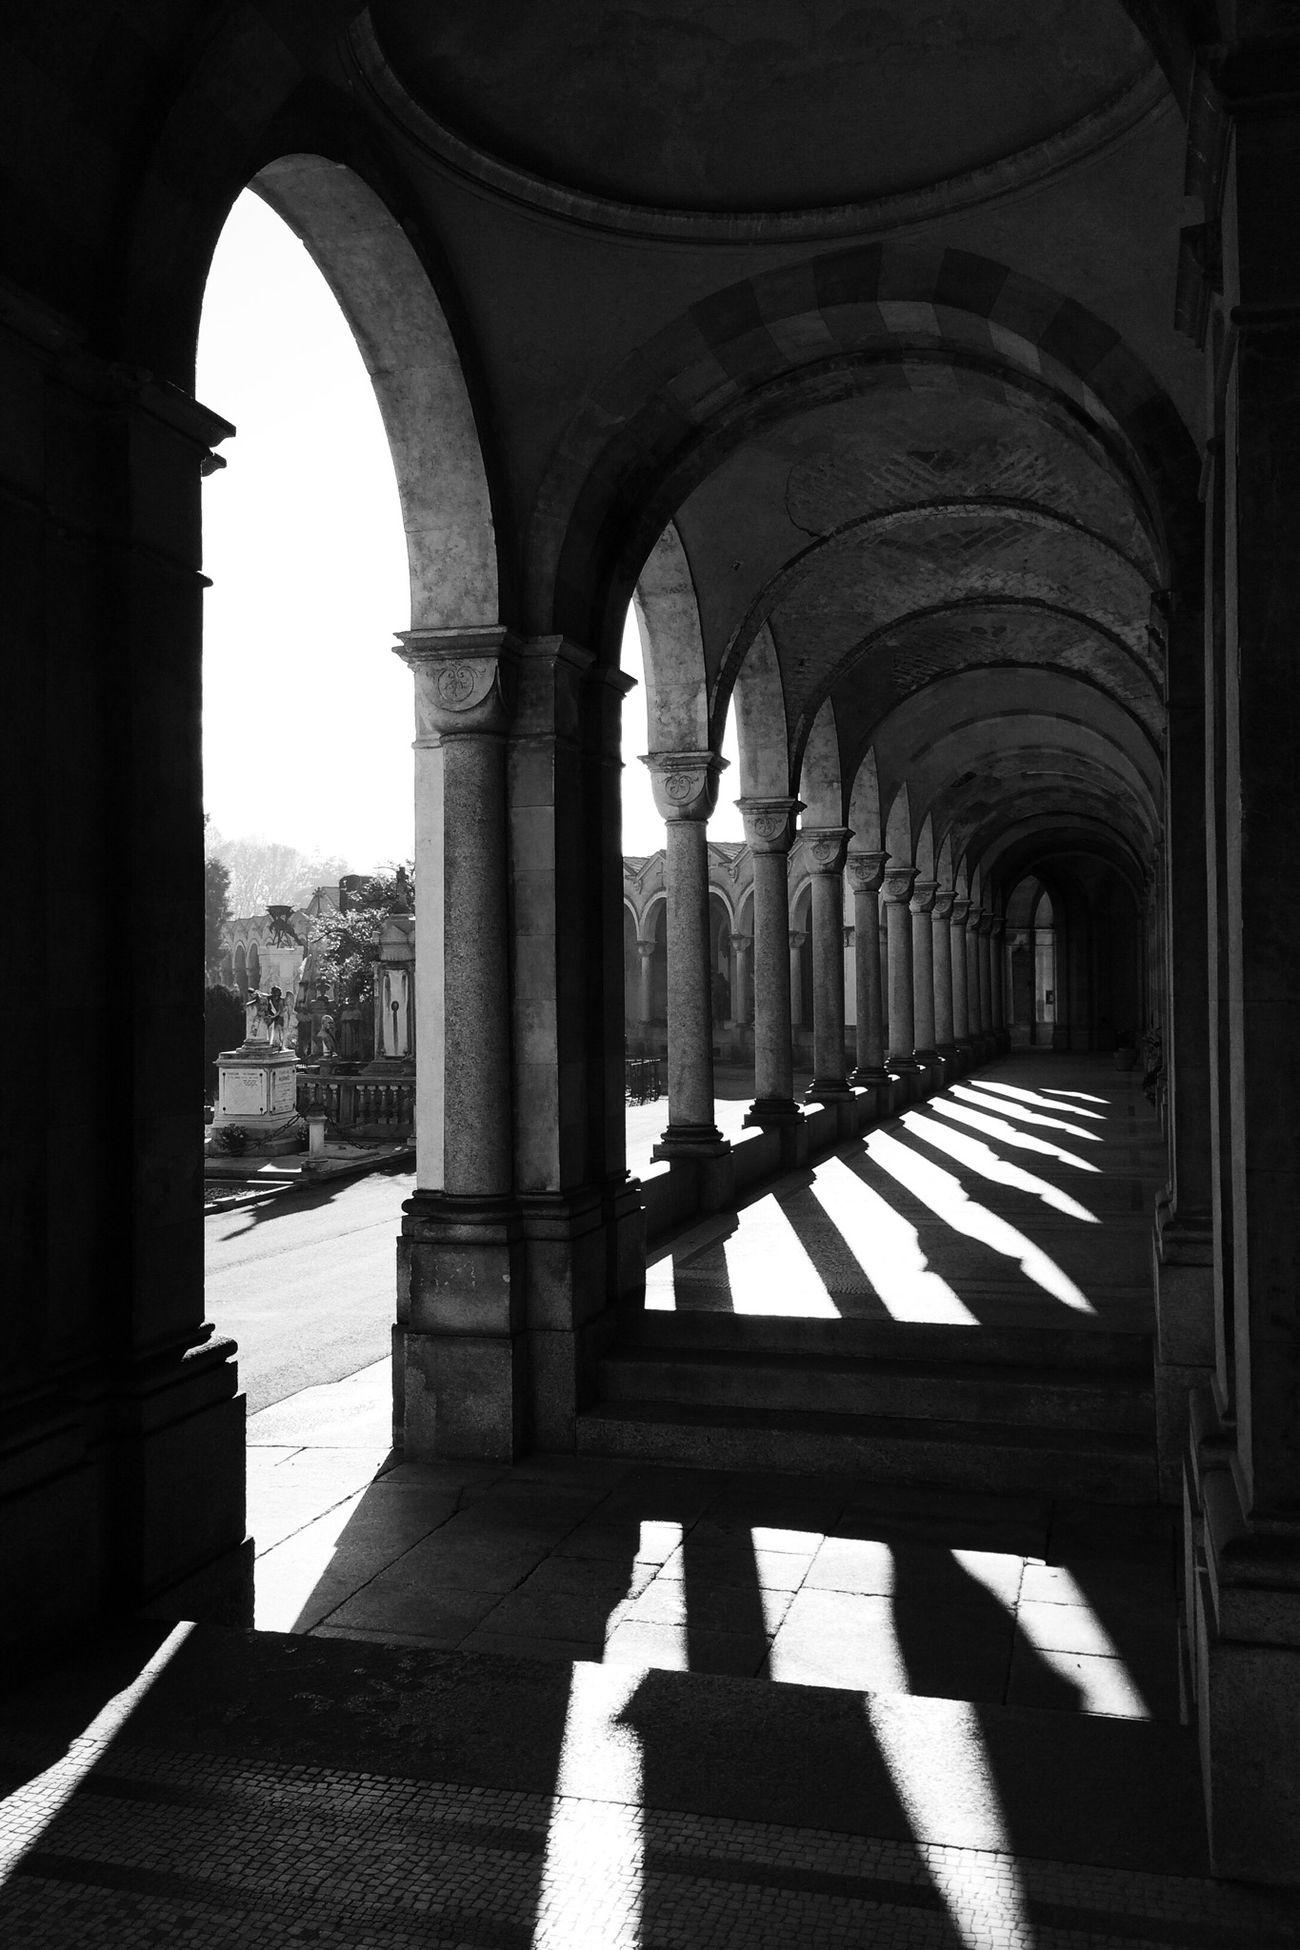 The endless wave NEM Memories NEM Architecture NEM Black&white